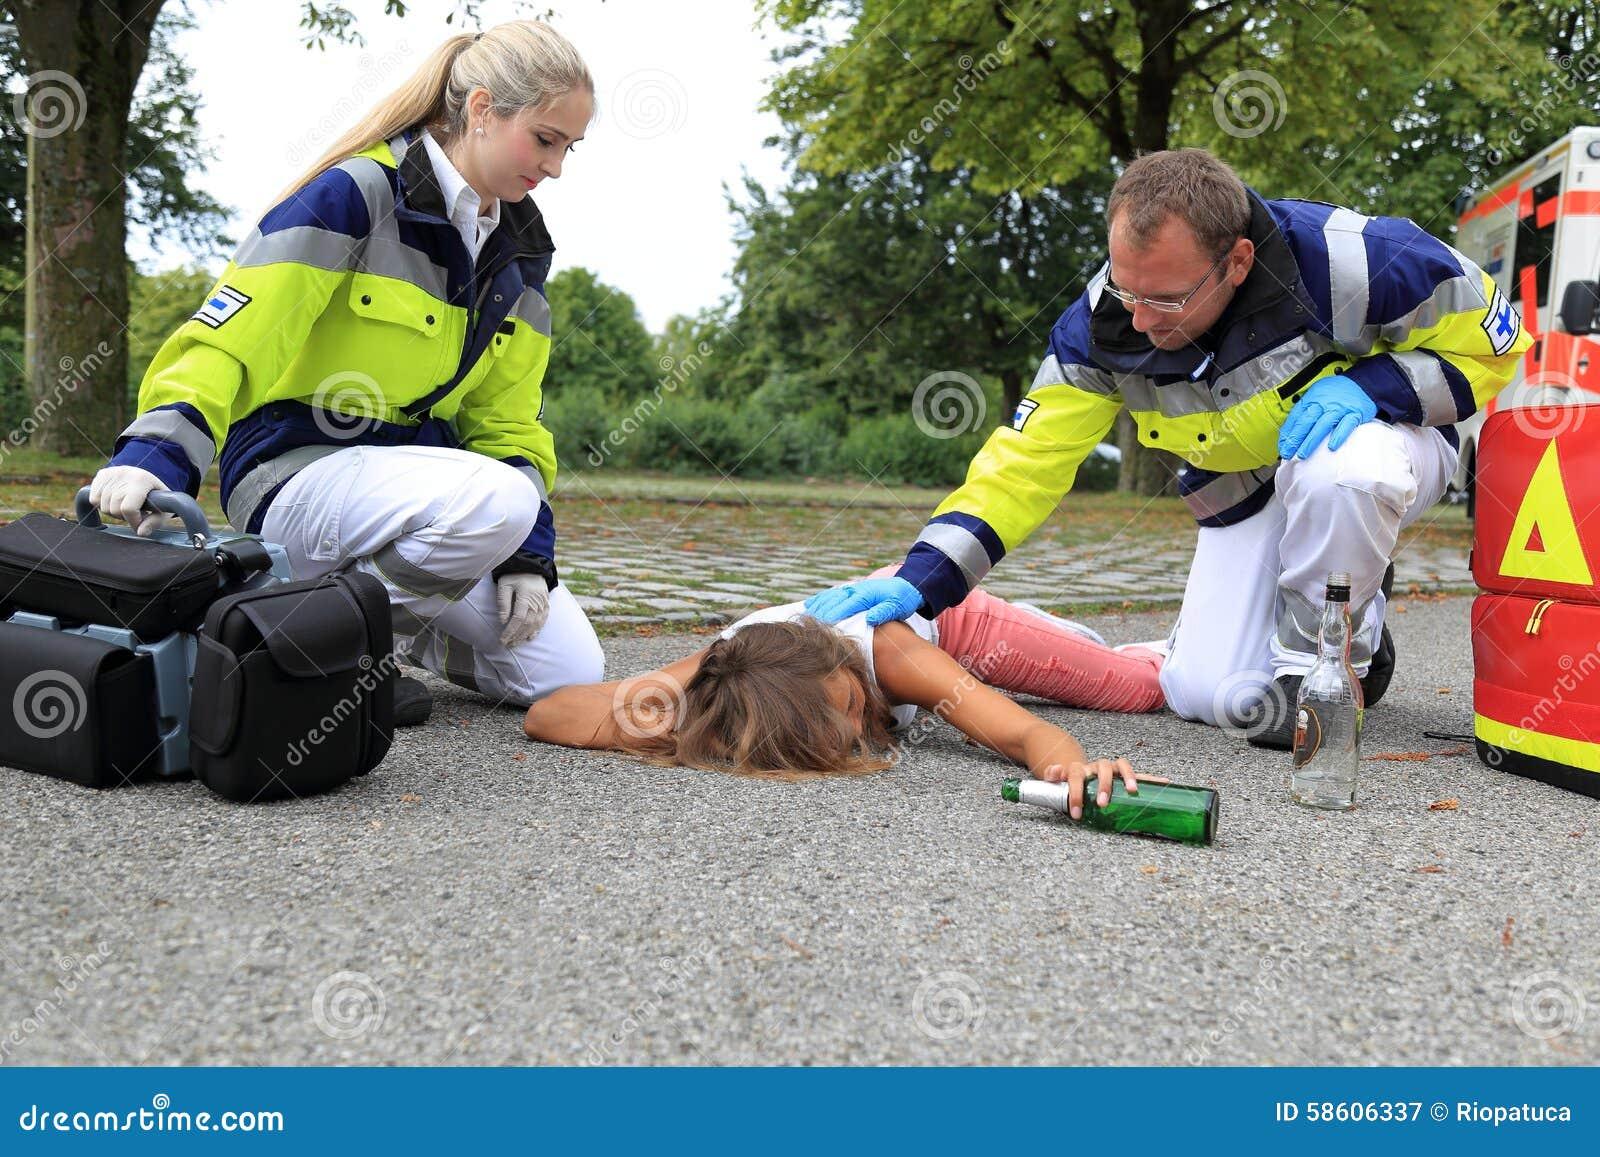 Teenager drunken on floor with paramedic